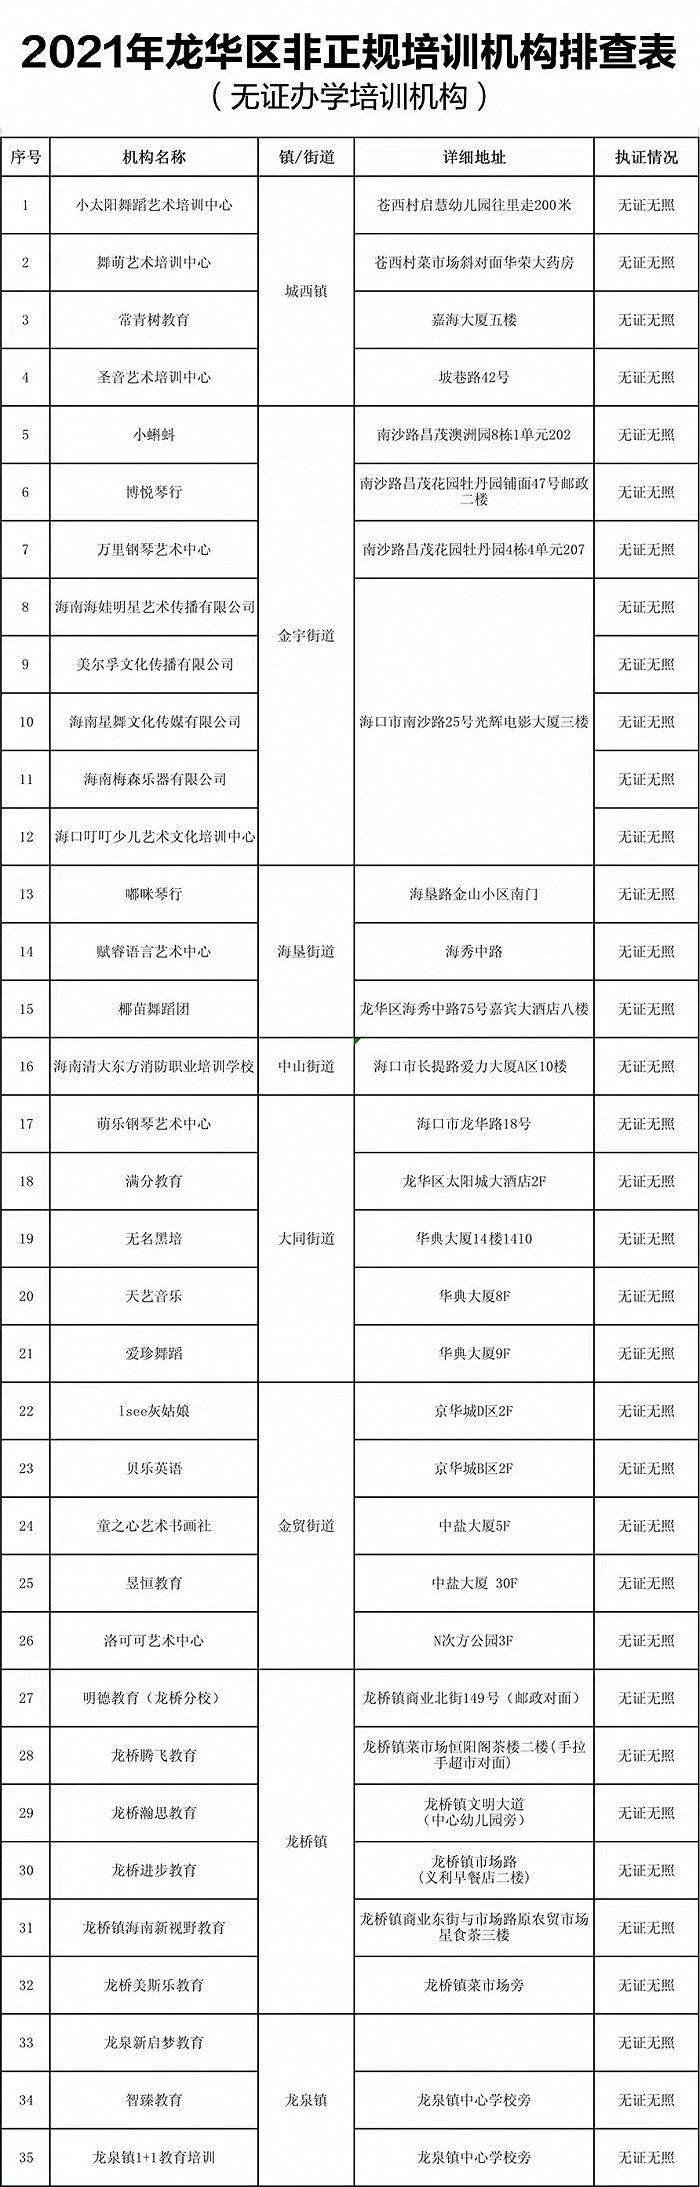 海口龙华区取缔13家校外培训机构,责令15家限期整改